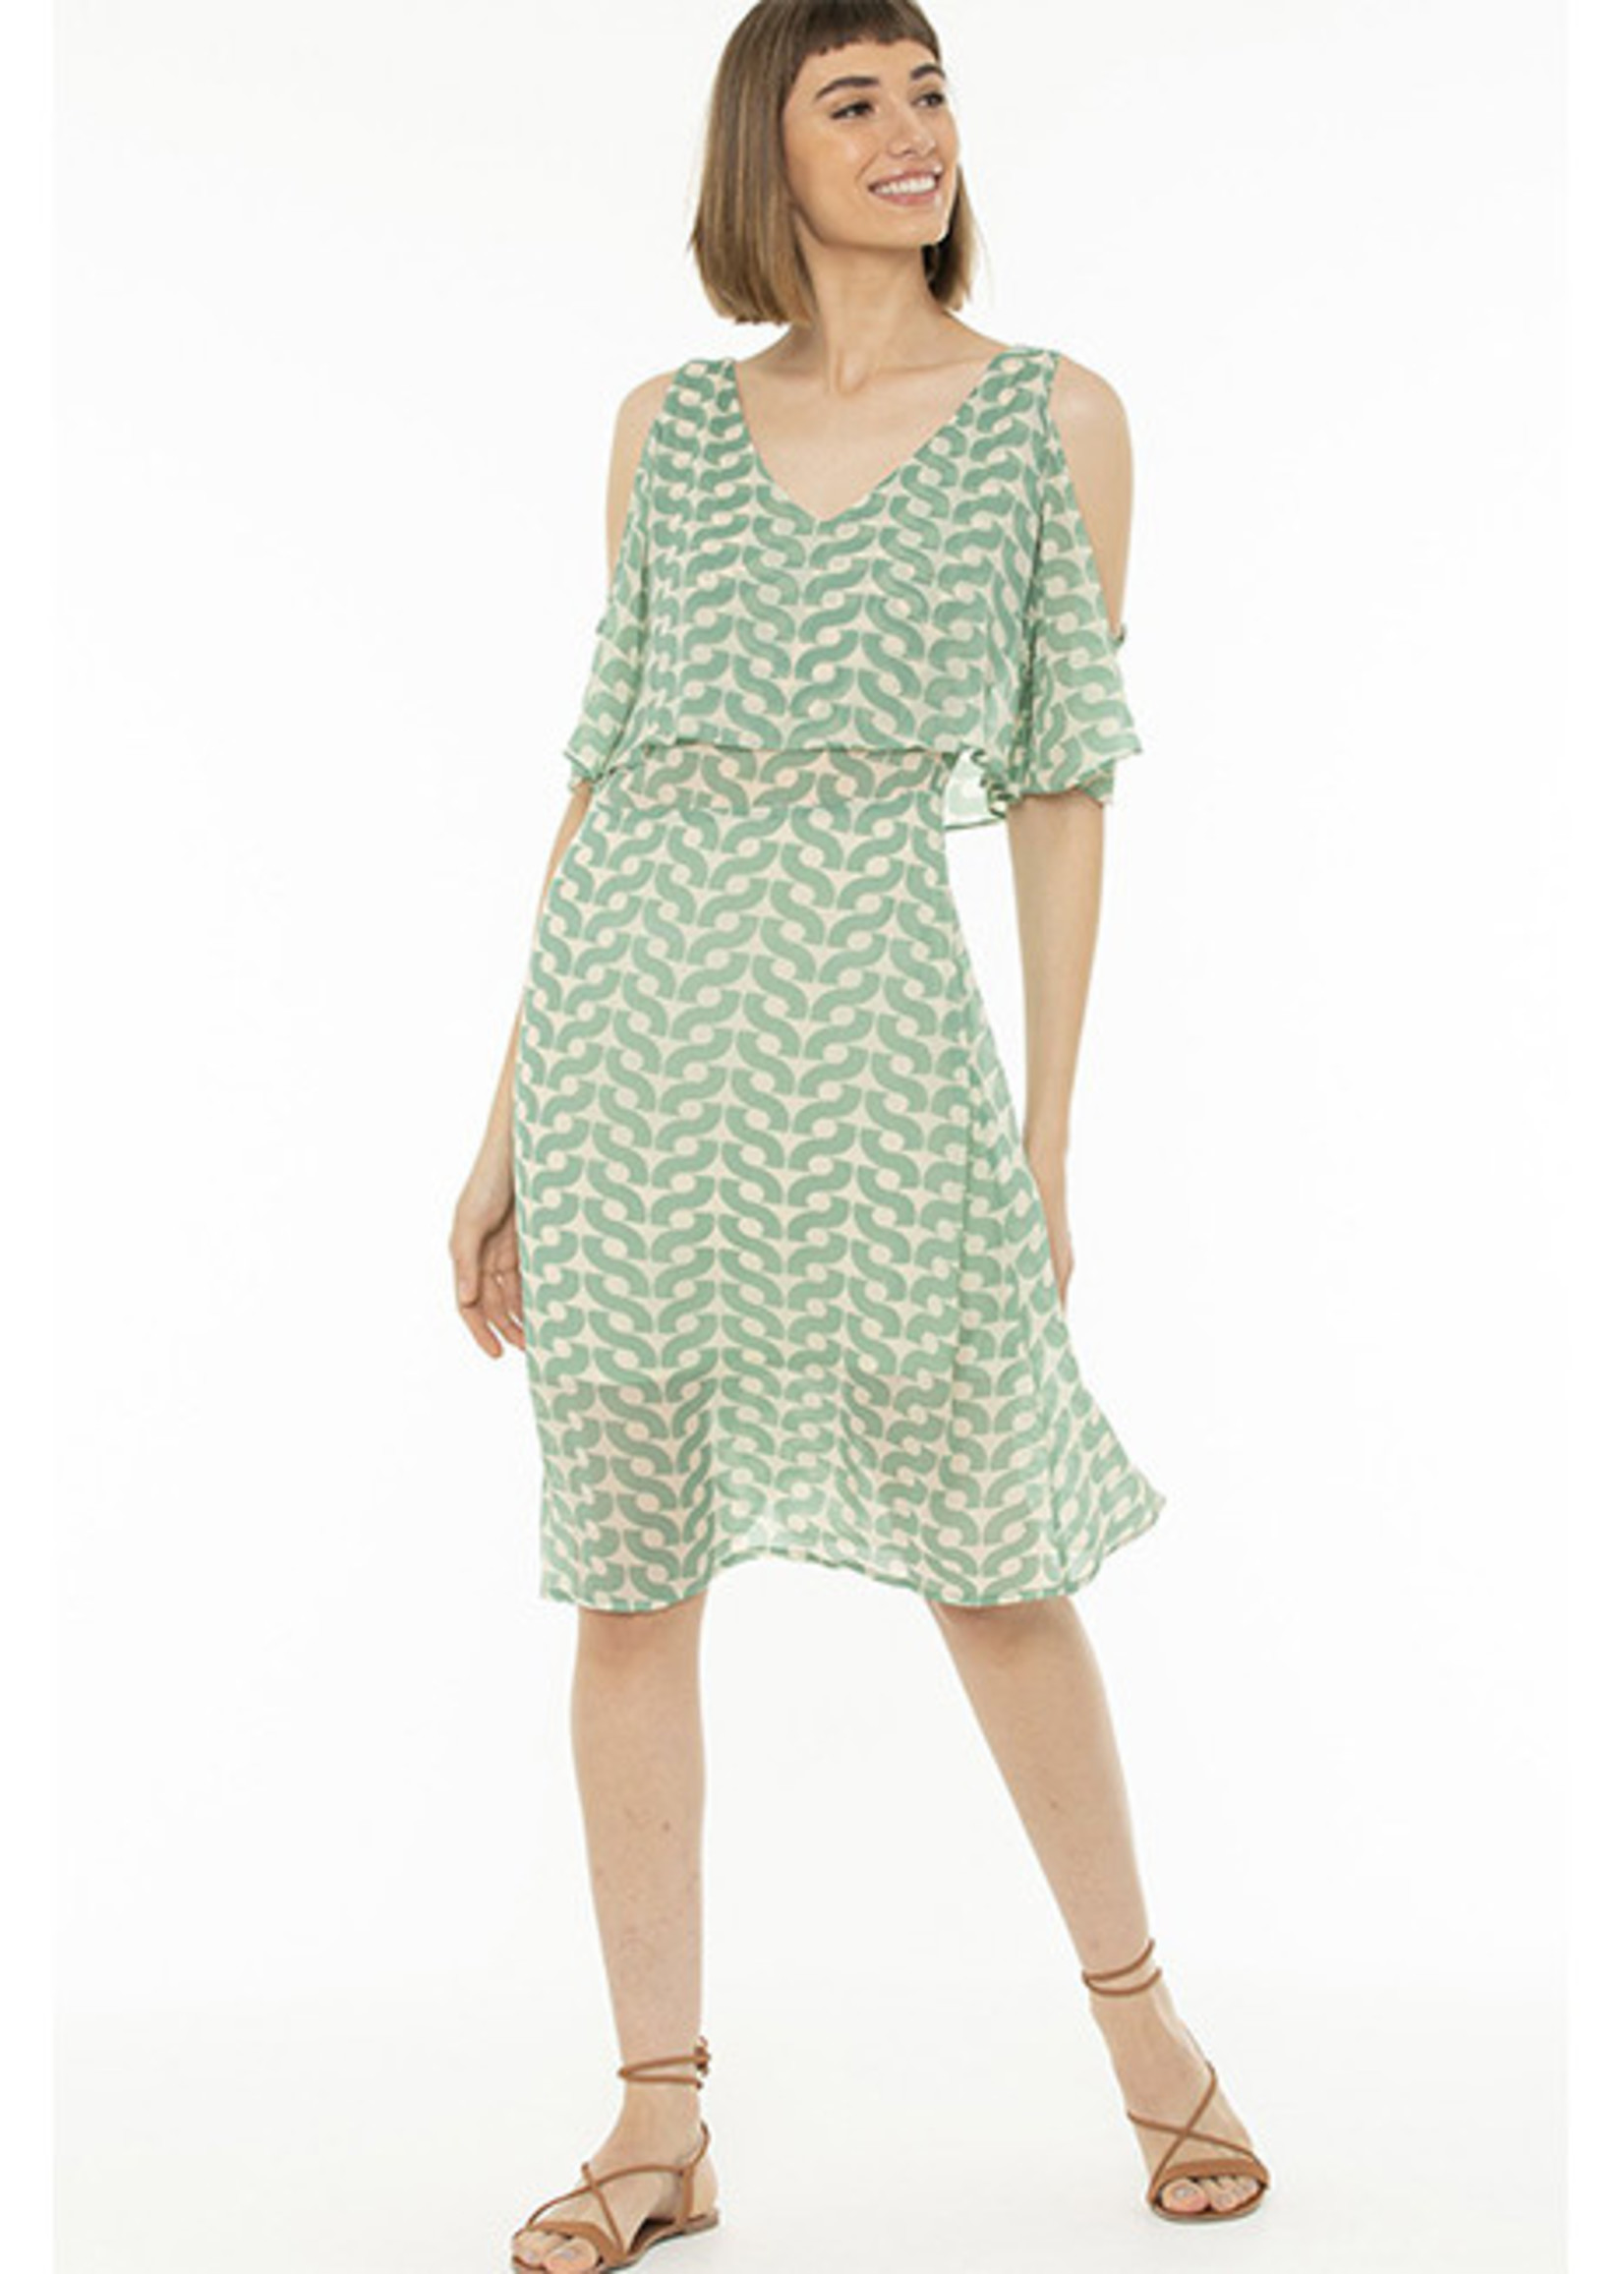 Totem Segera Dress in Warm Green